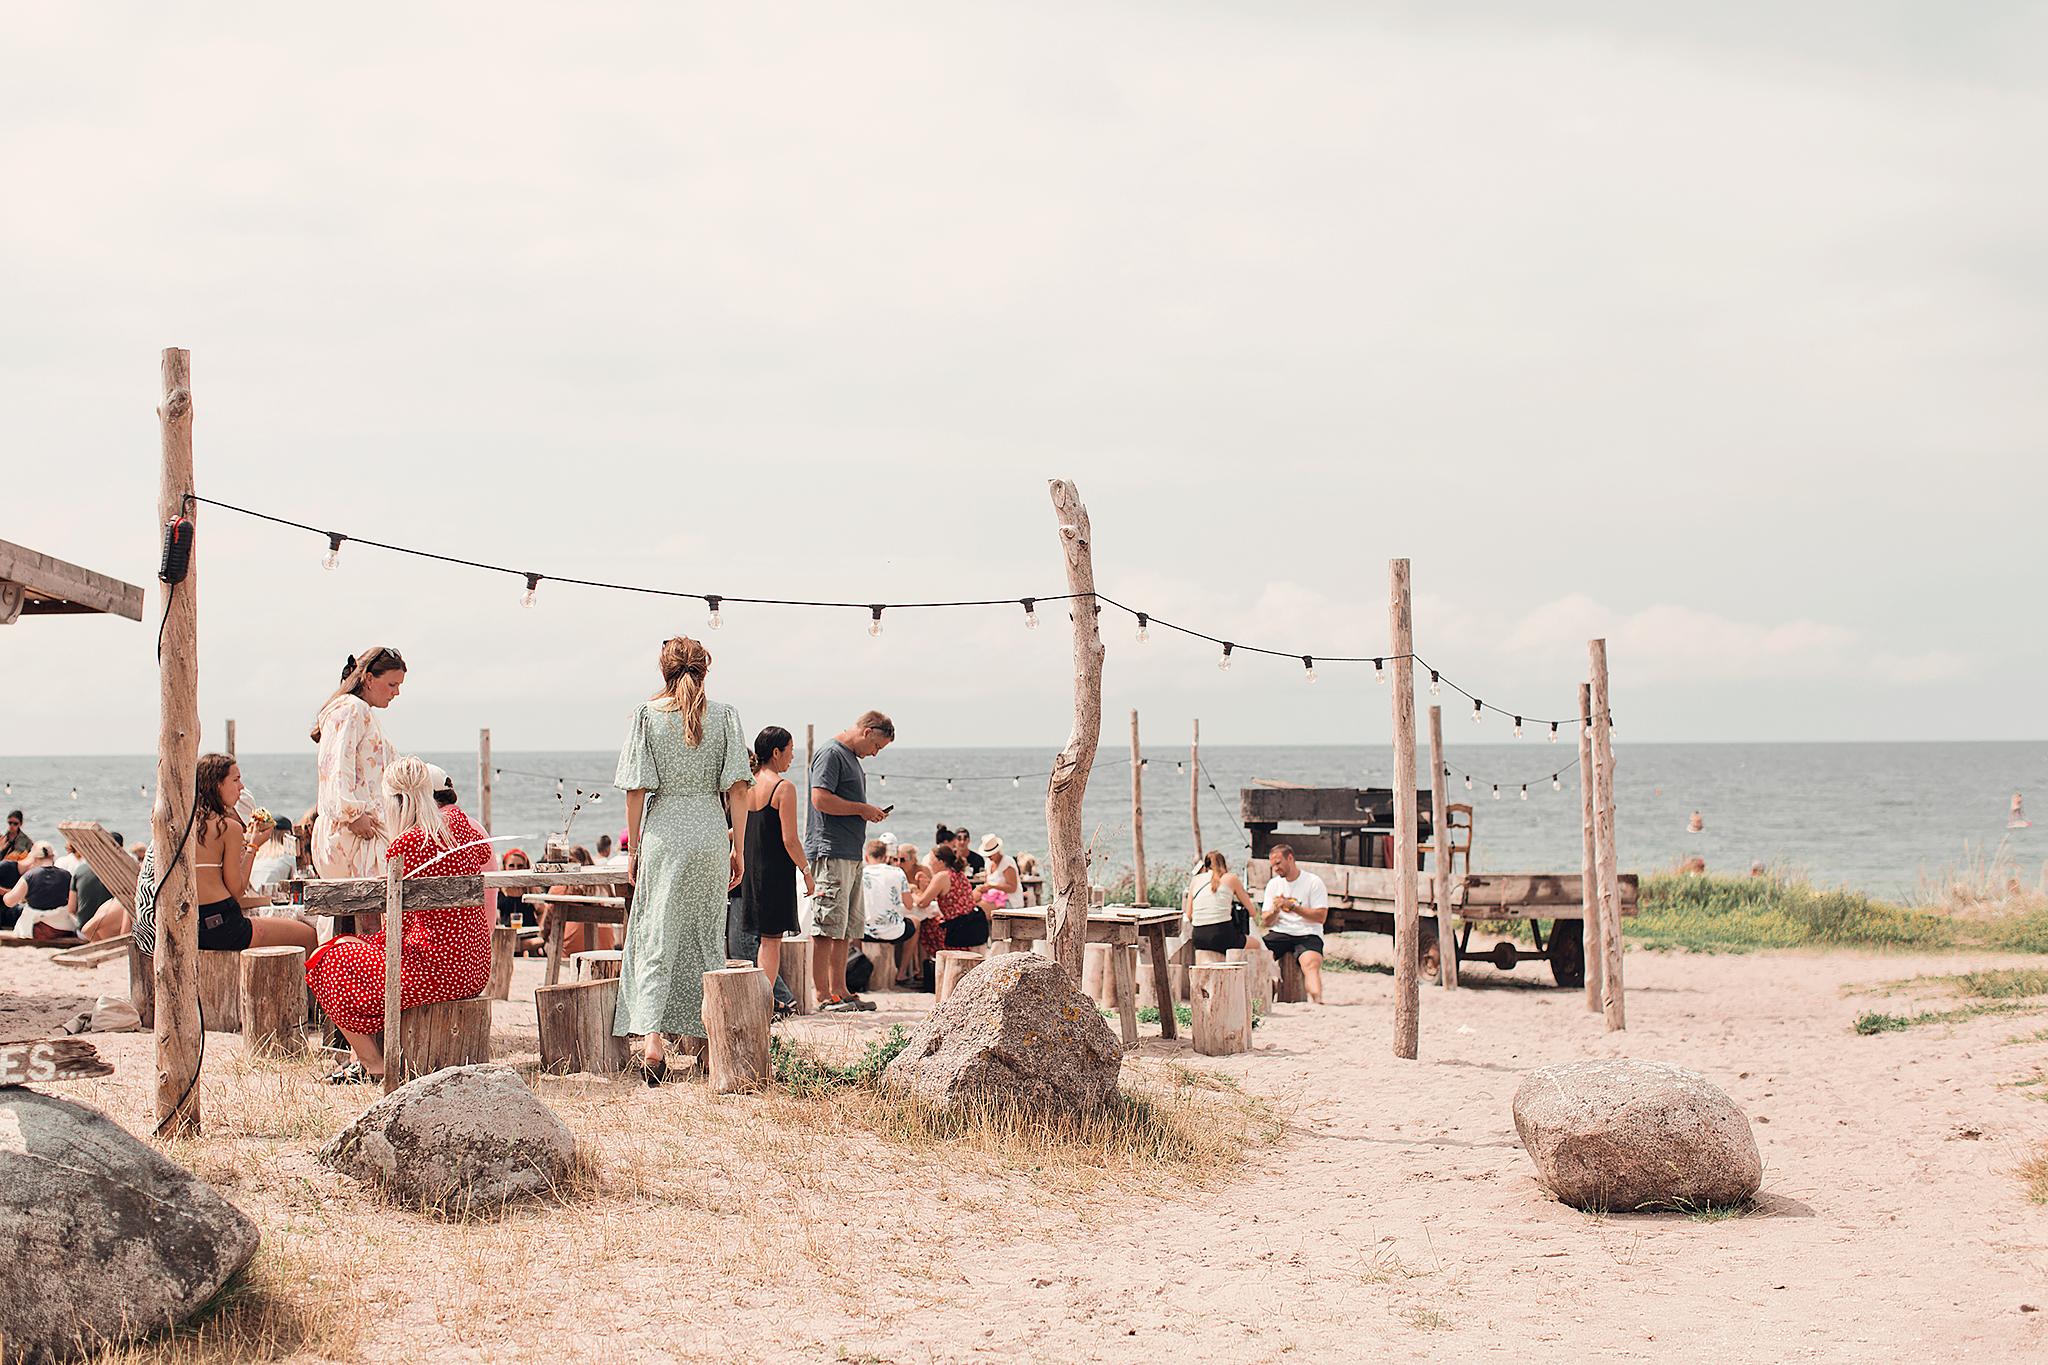 Resedagbok Gotland: Surflogiet